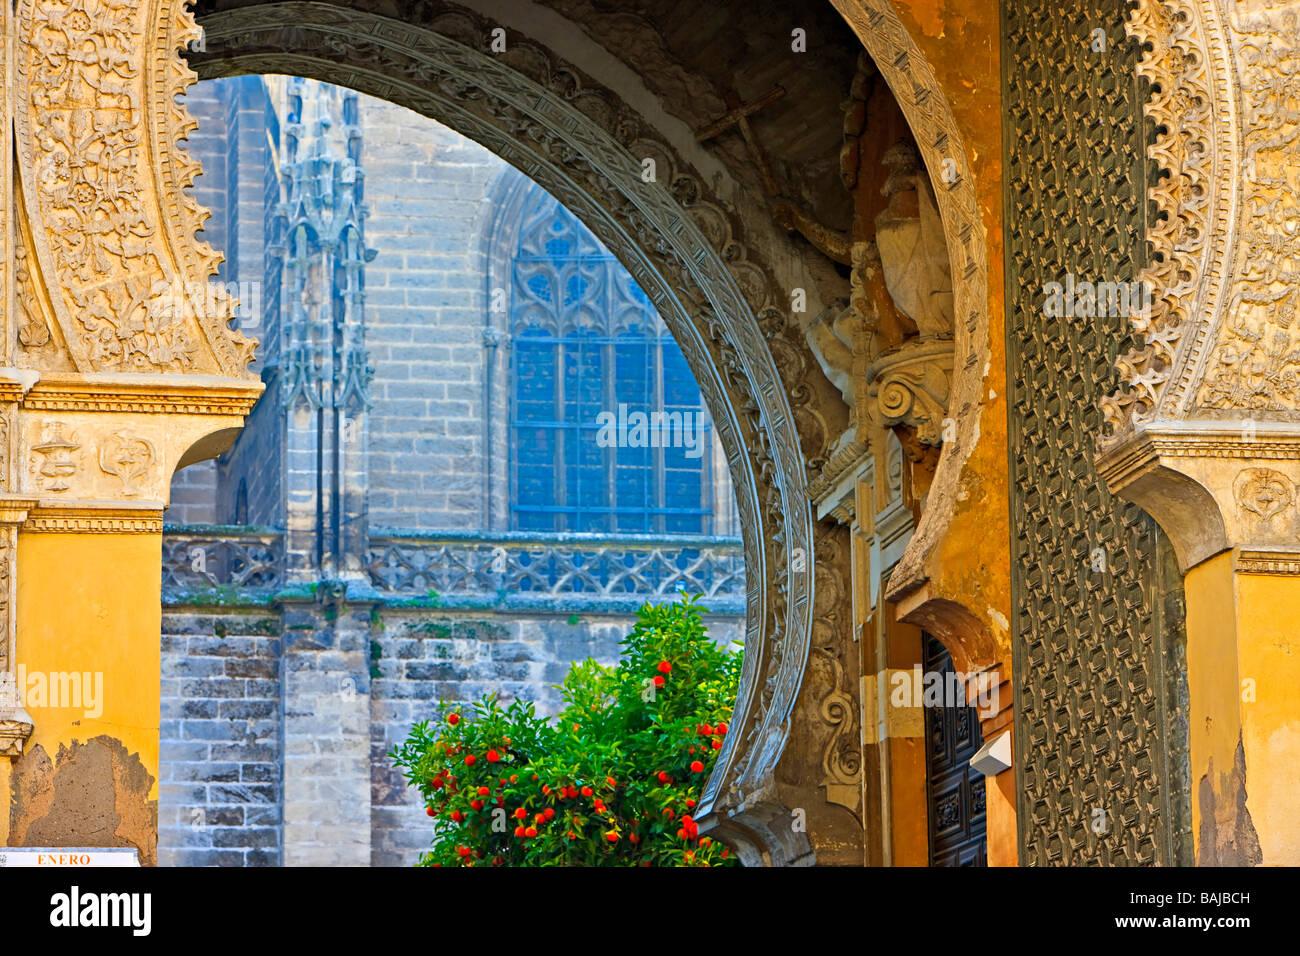 Blick durch die Puerta del Perdon (Tor der Vergebung), Kathedrale von Sevilla und La Giralda (Bell Tower/Minarett). Stockbild